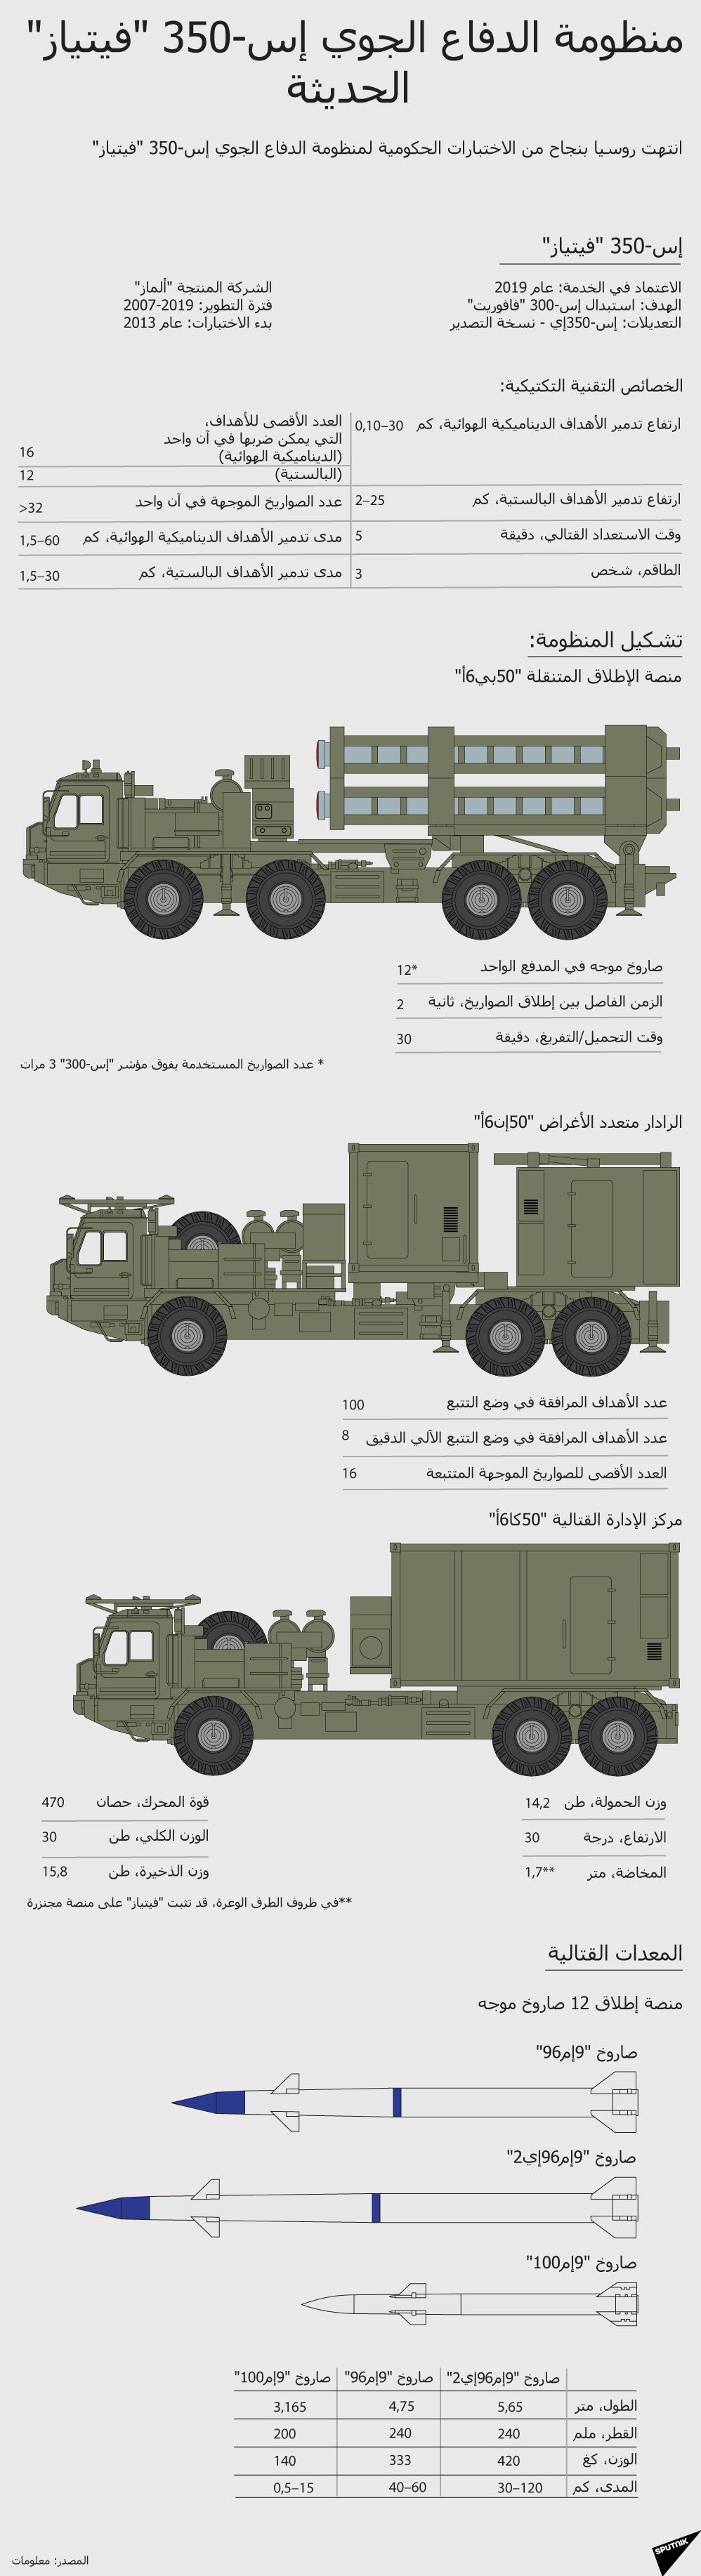 منظومة الدفاع الجوي إس-350 (فيتياز) الحديثة